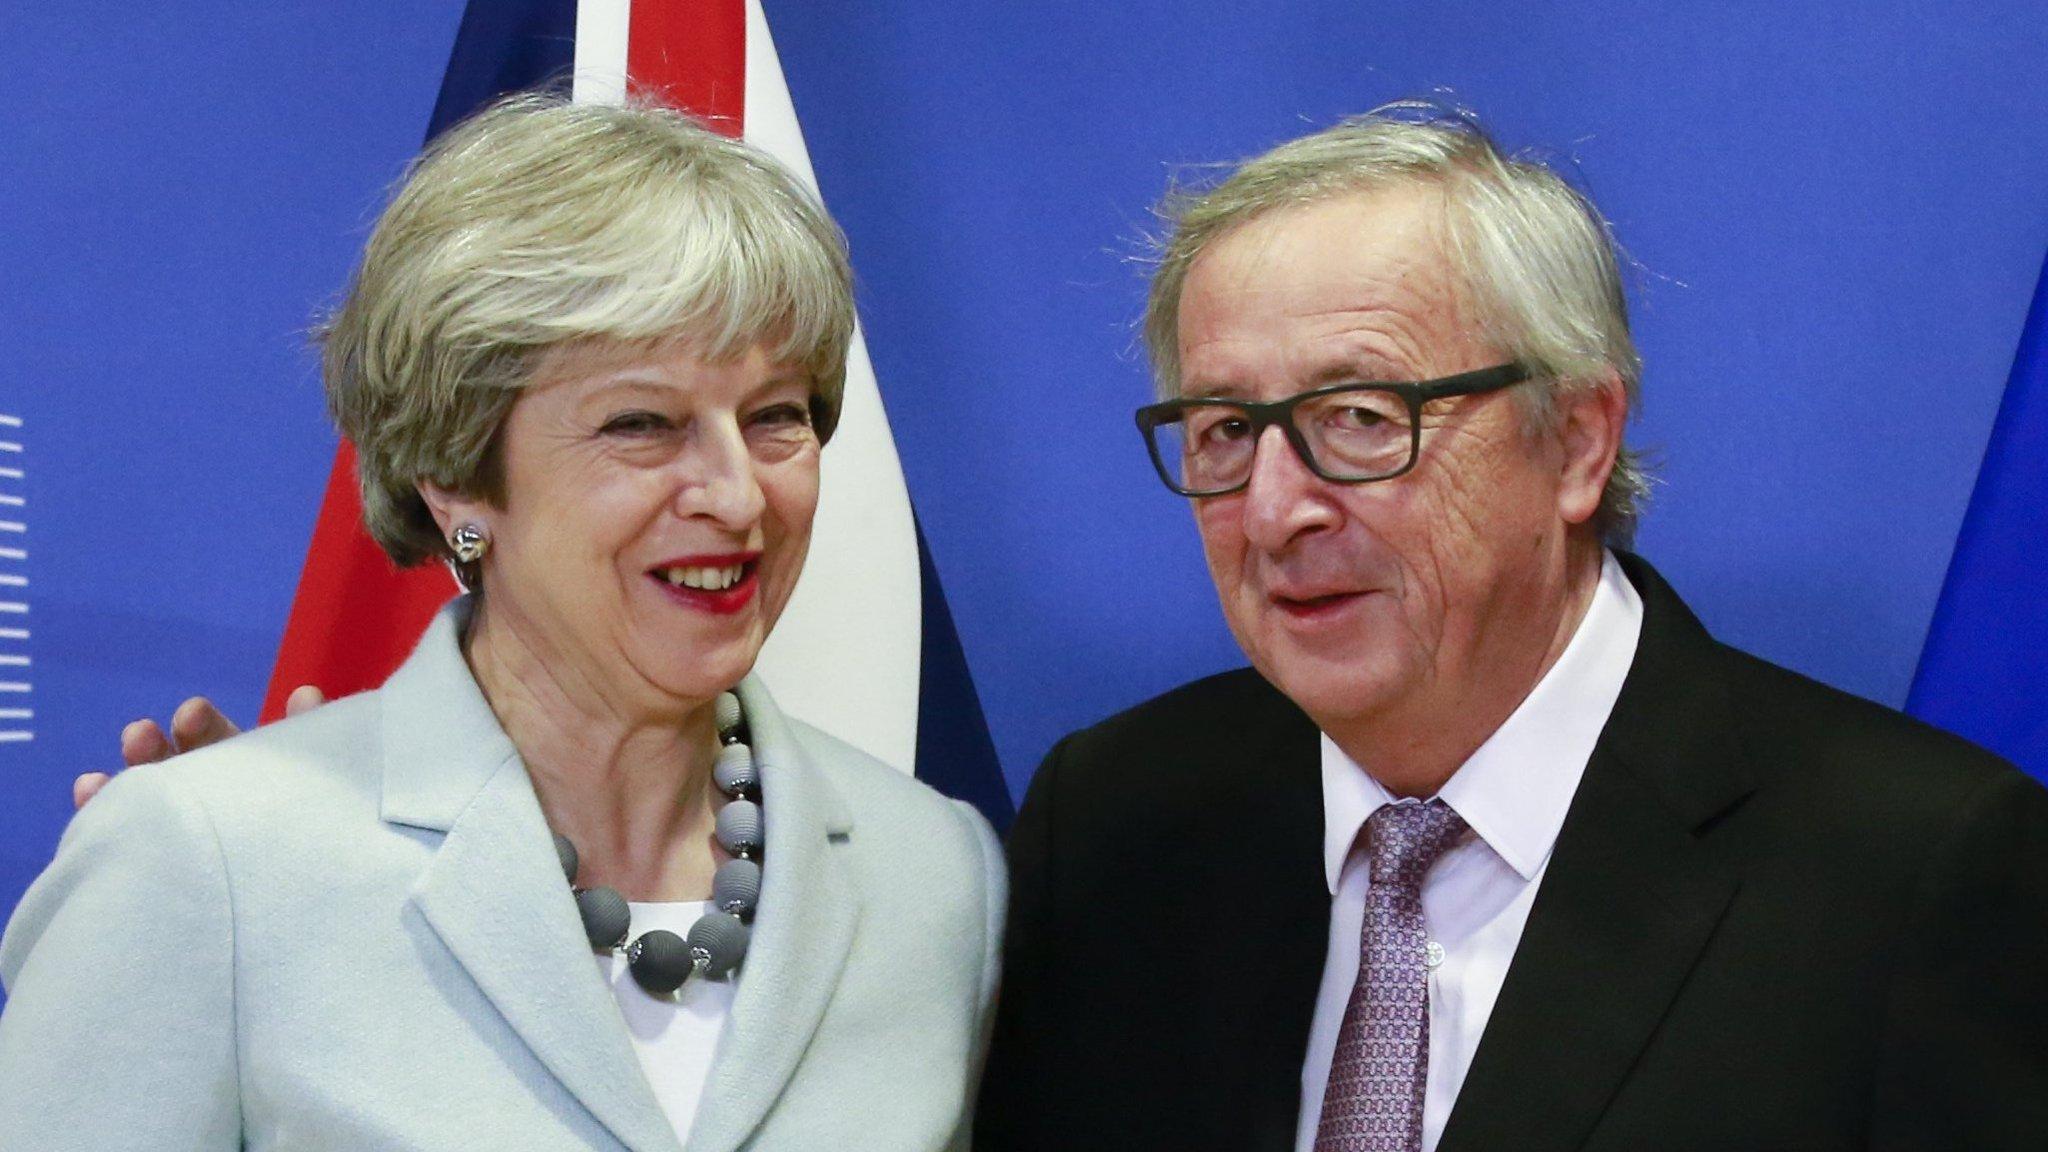 UK reaches historic Brexit divorce deal